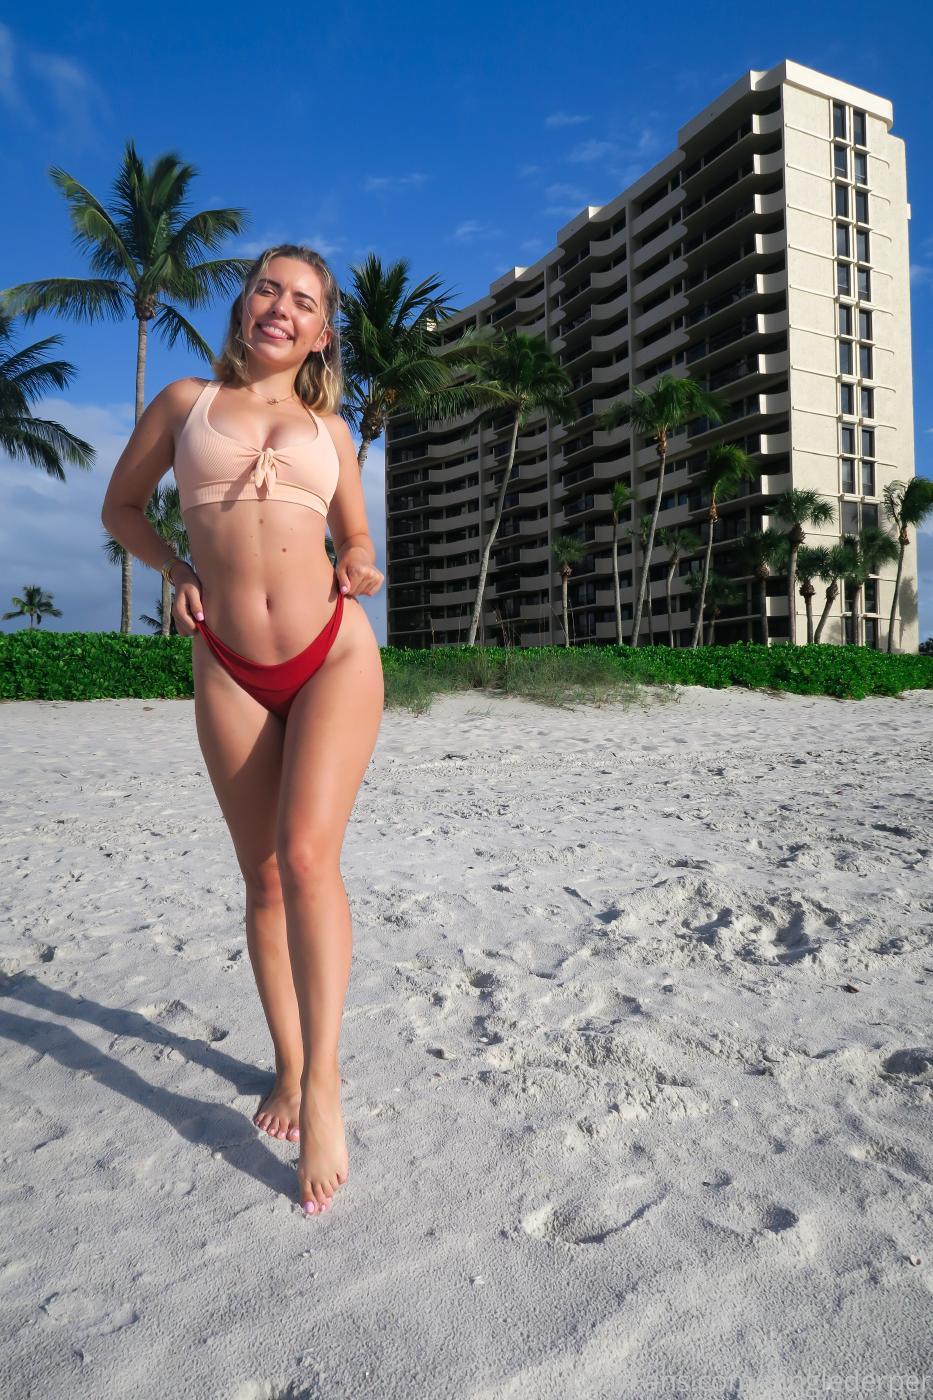 Dinglederper Beach Onlyfans Set Leaked 0001